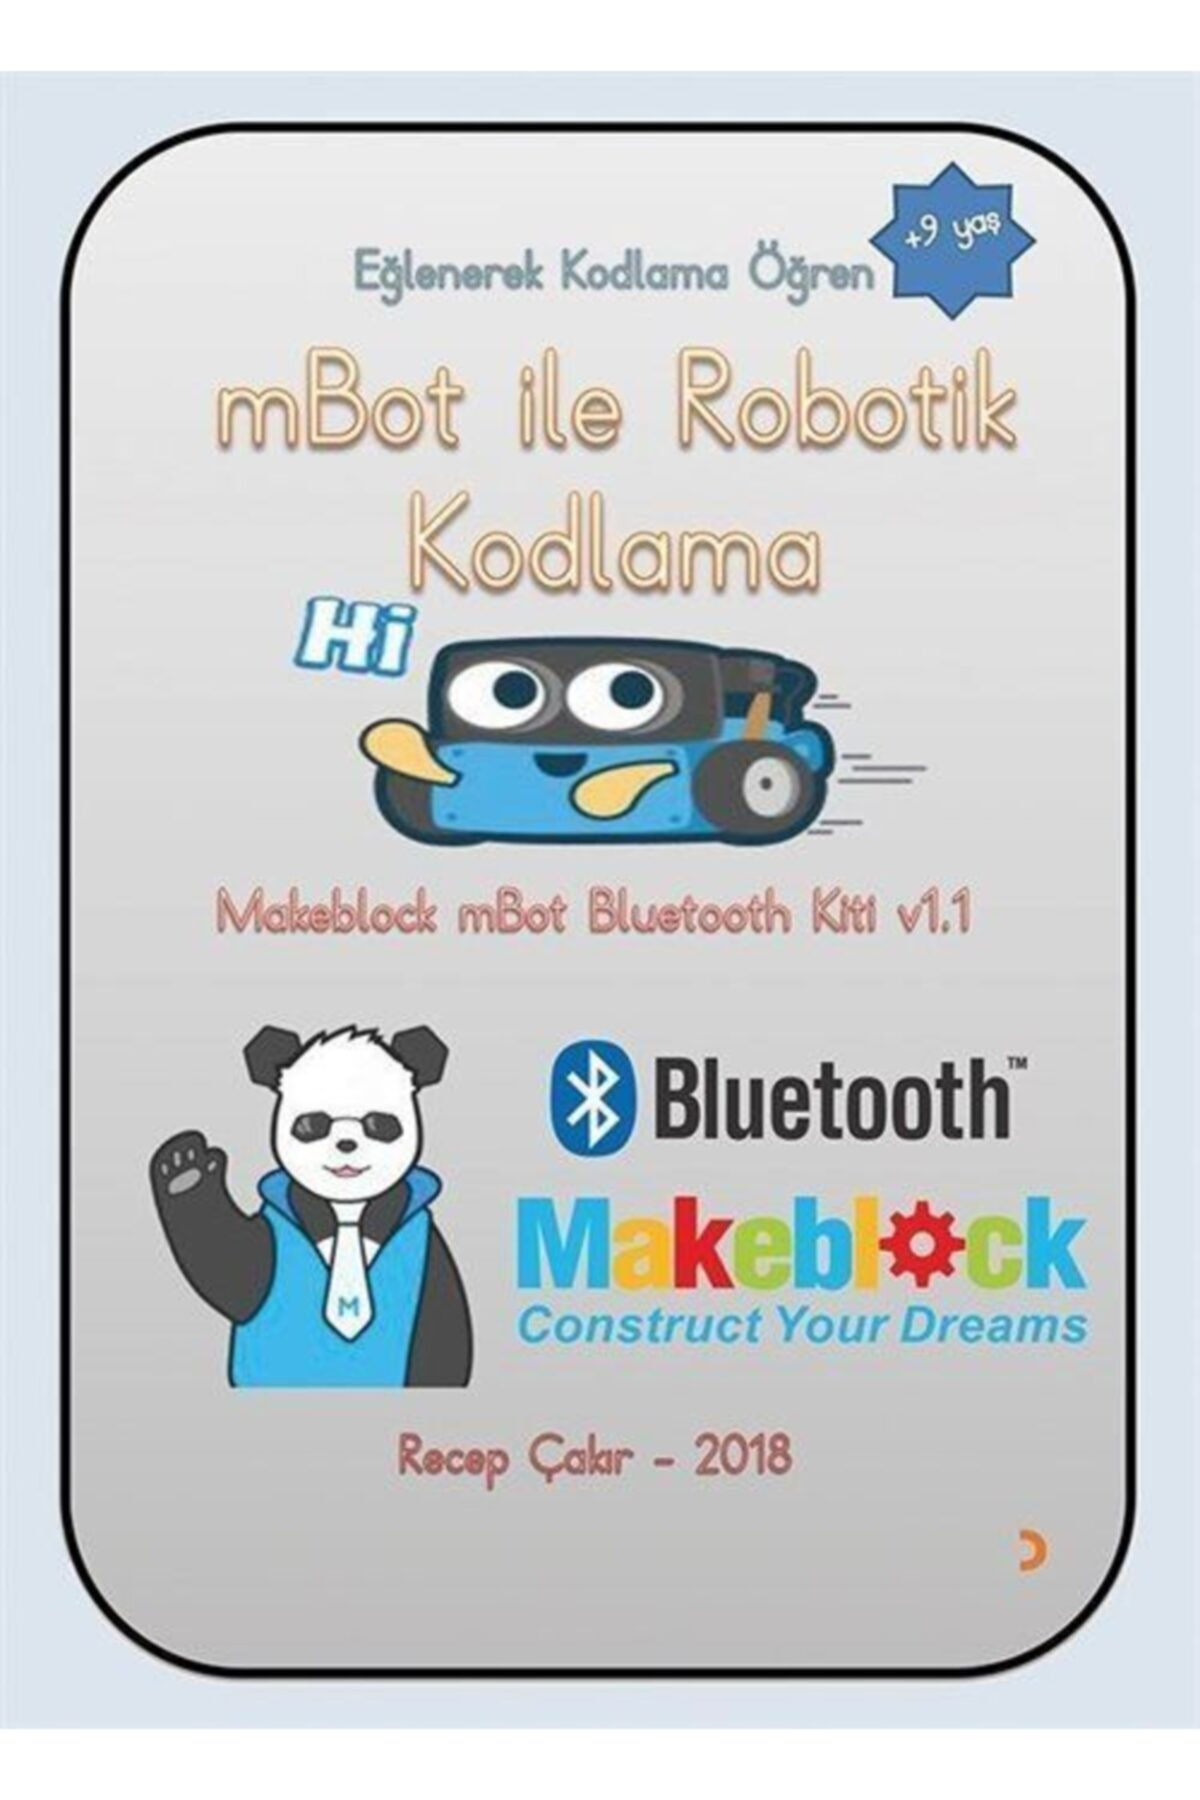 Yakamoz Yayınları Mbot Ile Robotik Kodlama & Eğlenerek Kodlama Öğren 1